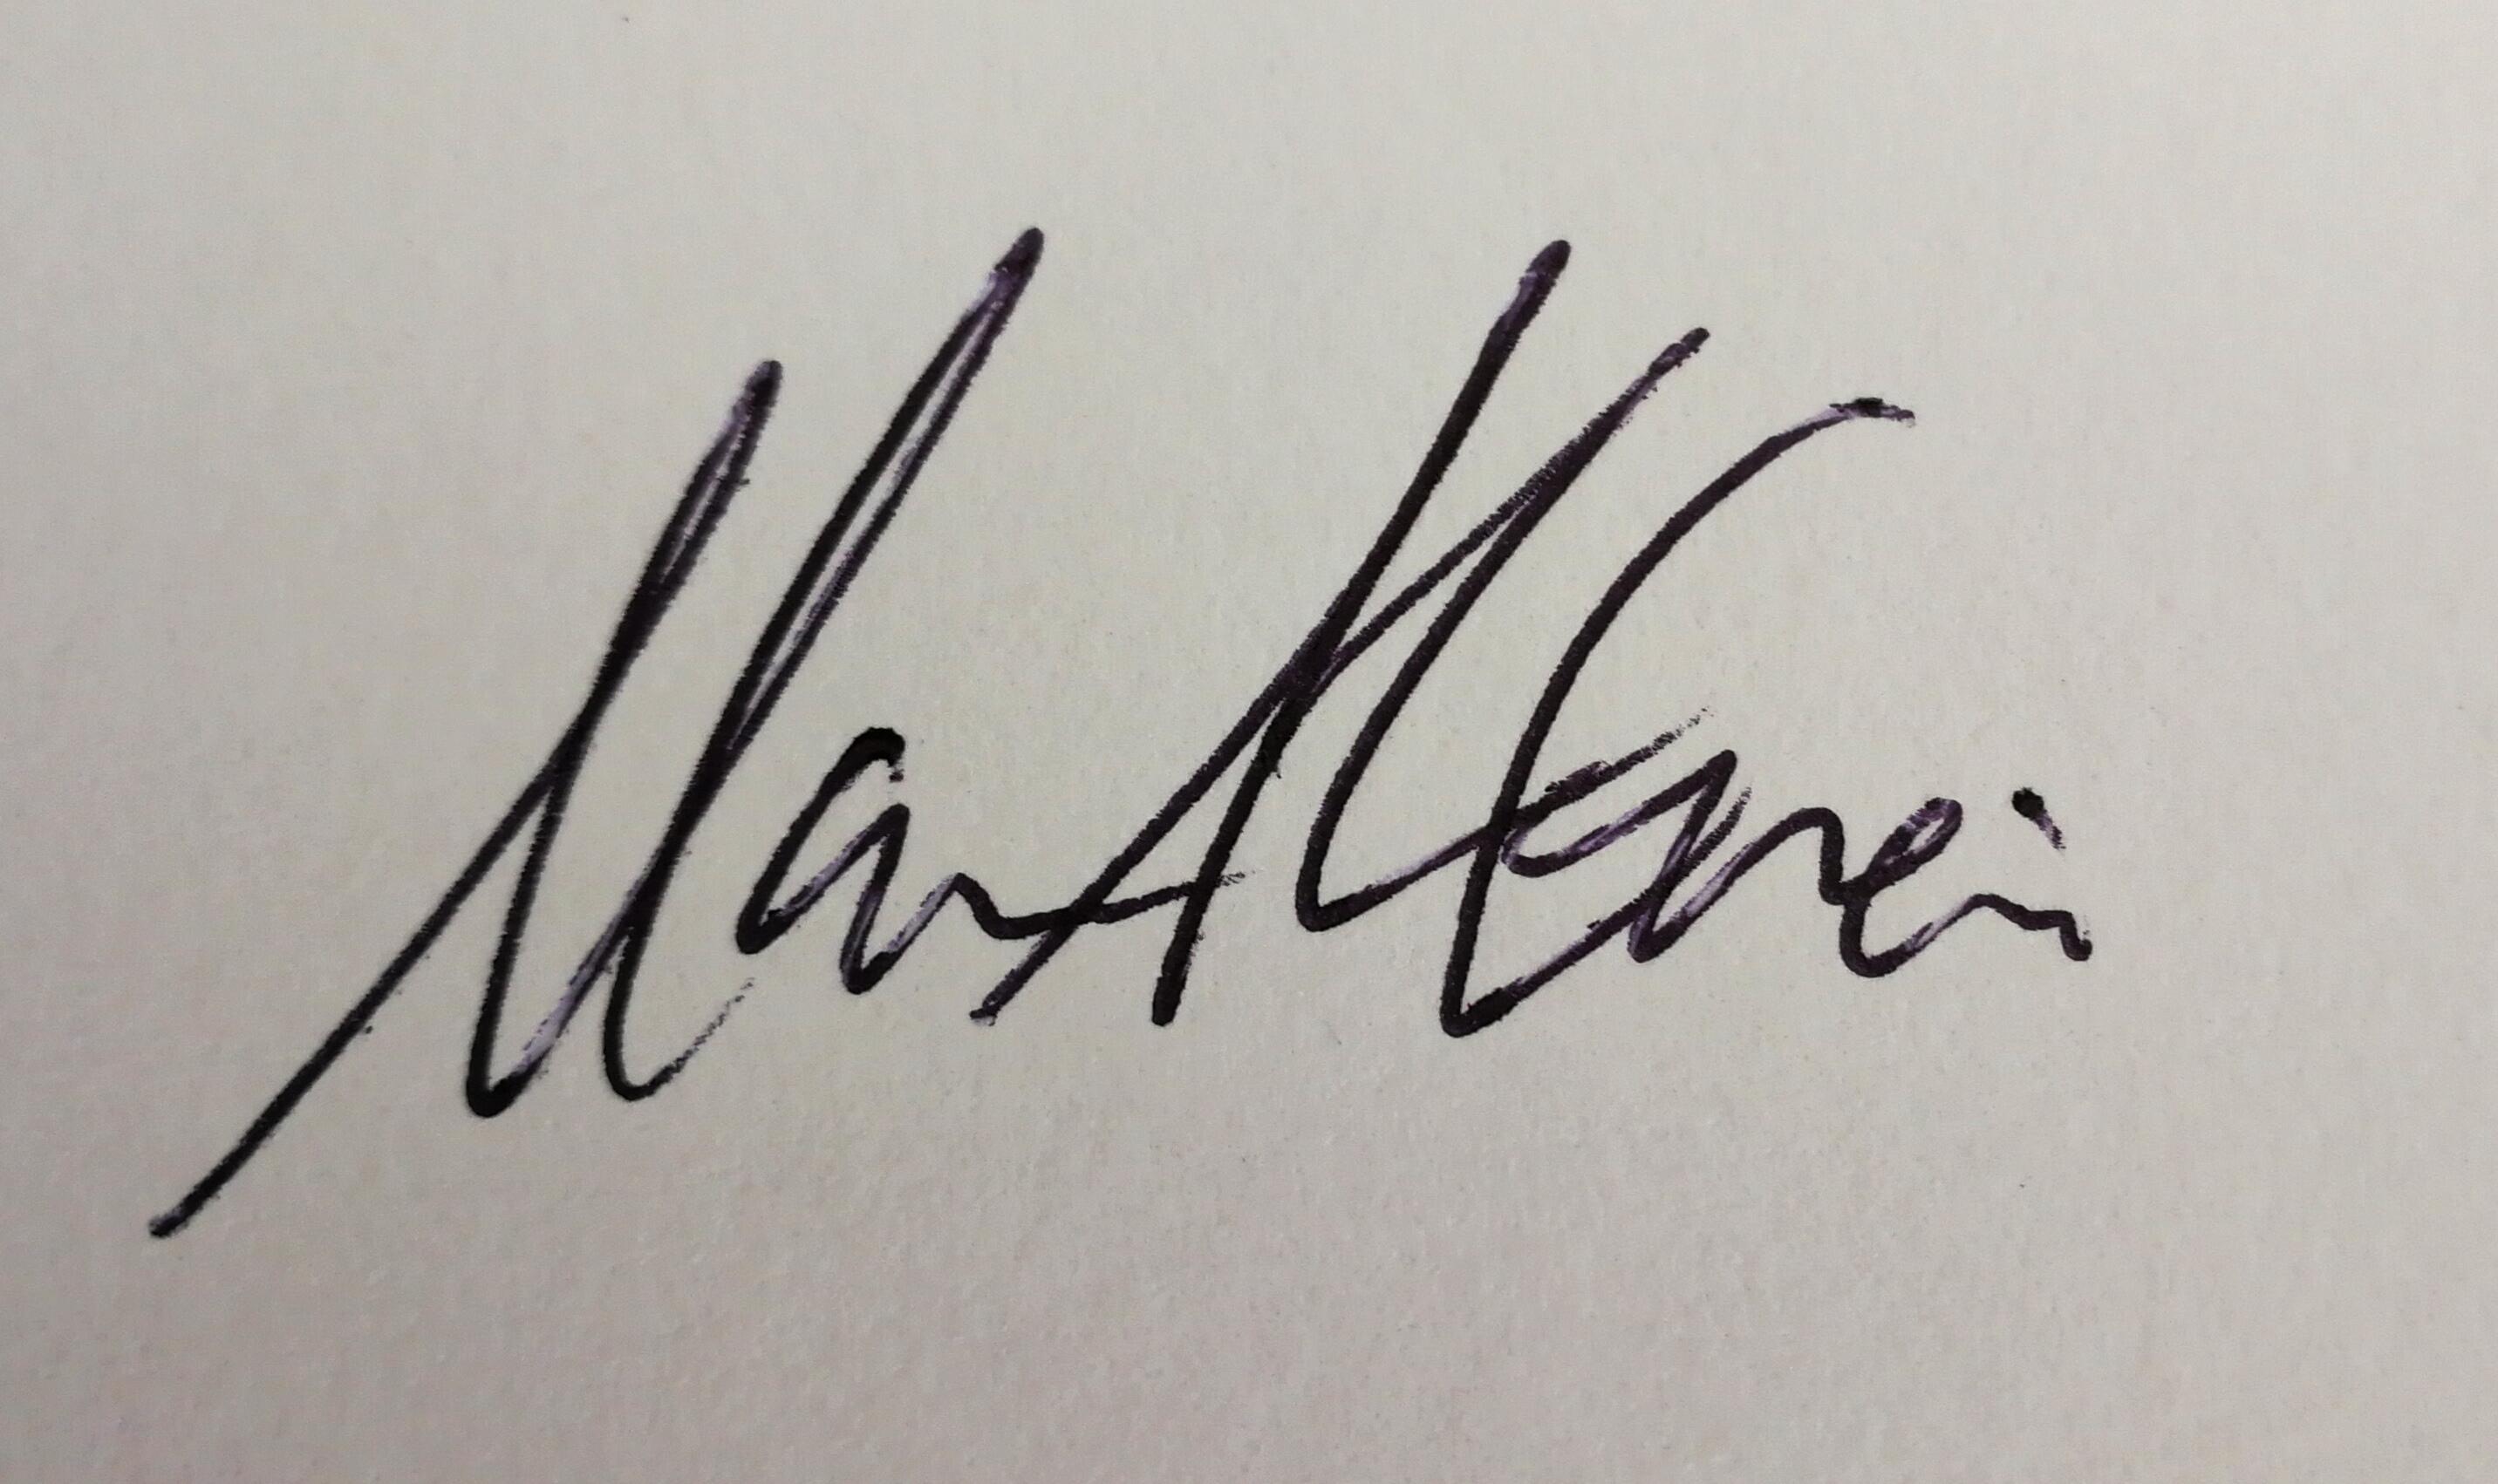 Mariam S. al-enezi's Signature